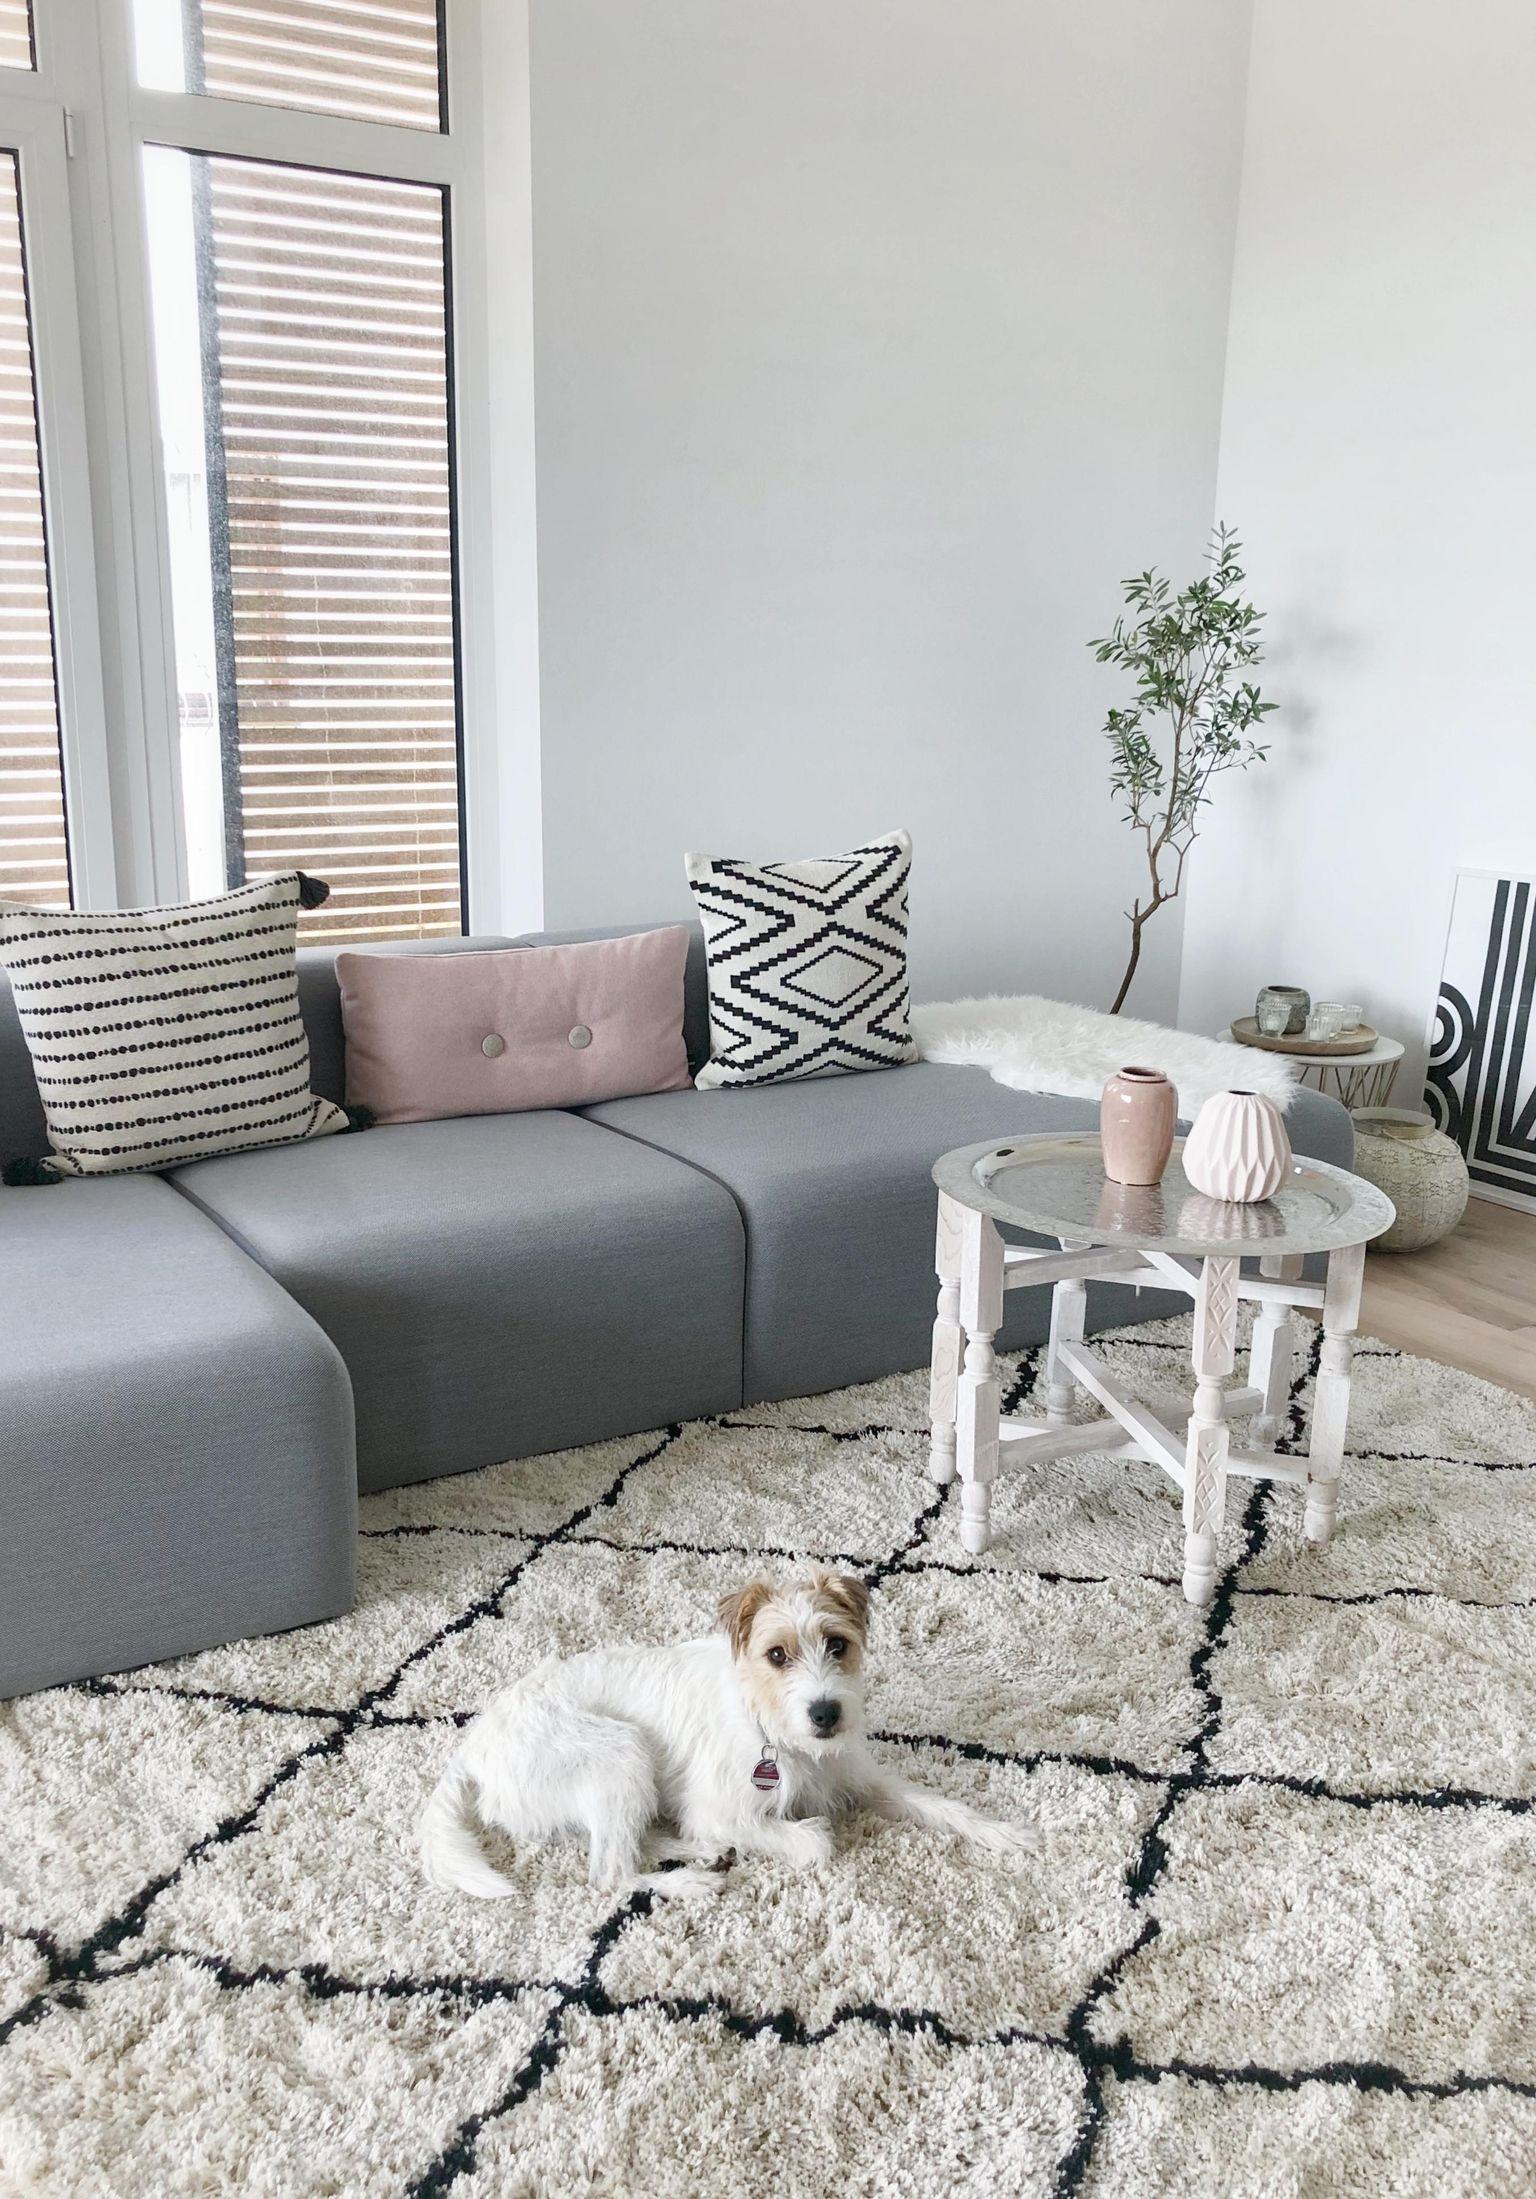 Neuer Teppich ist eingezogen! #teppich#wohnzimmer#whitehome#homelove